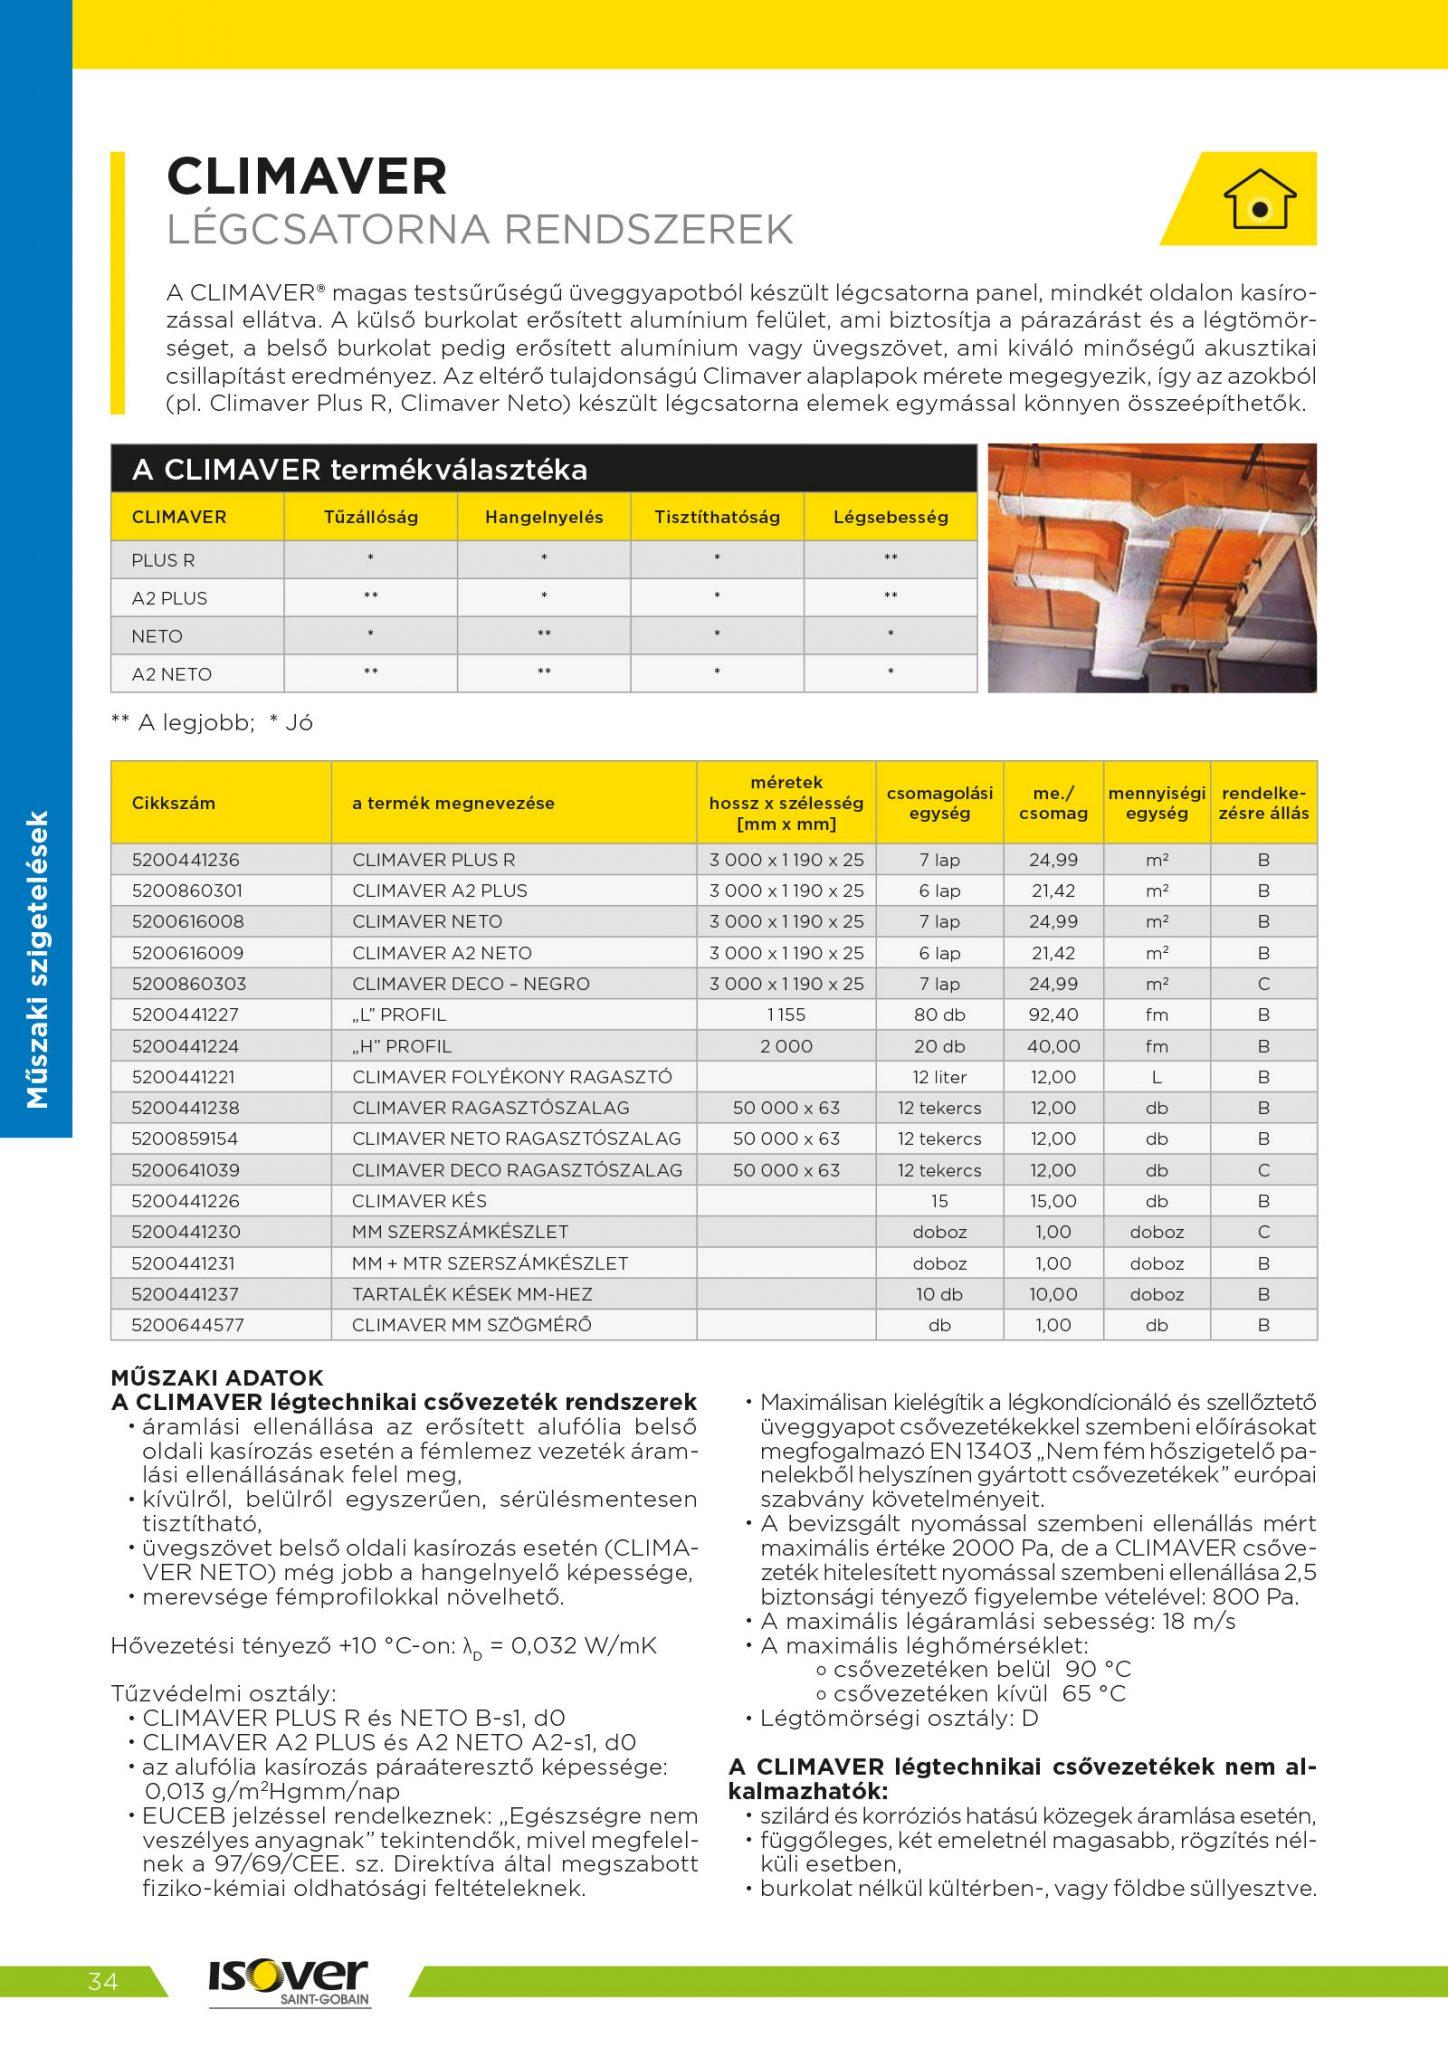 Isover árak 2021 / 34 oldal